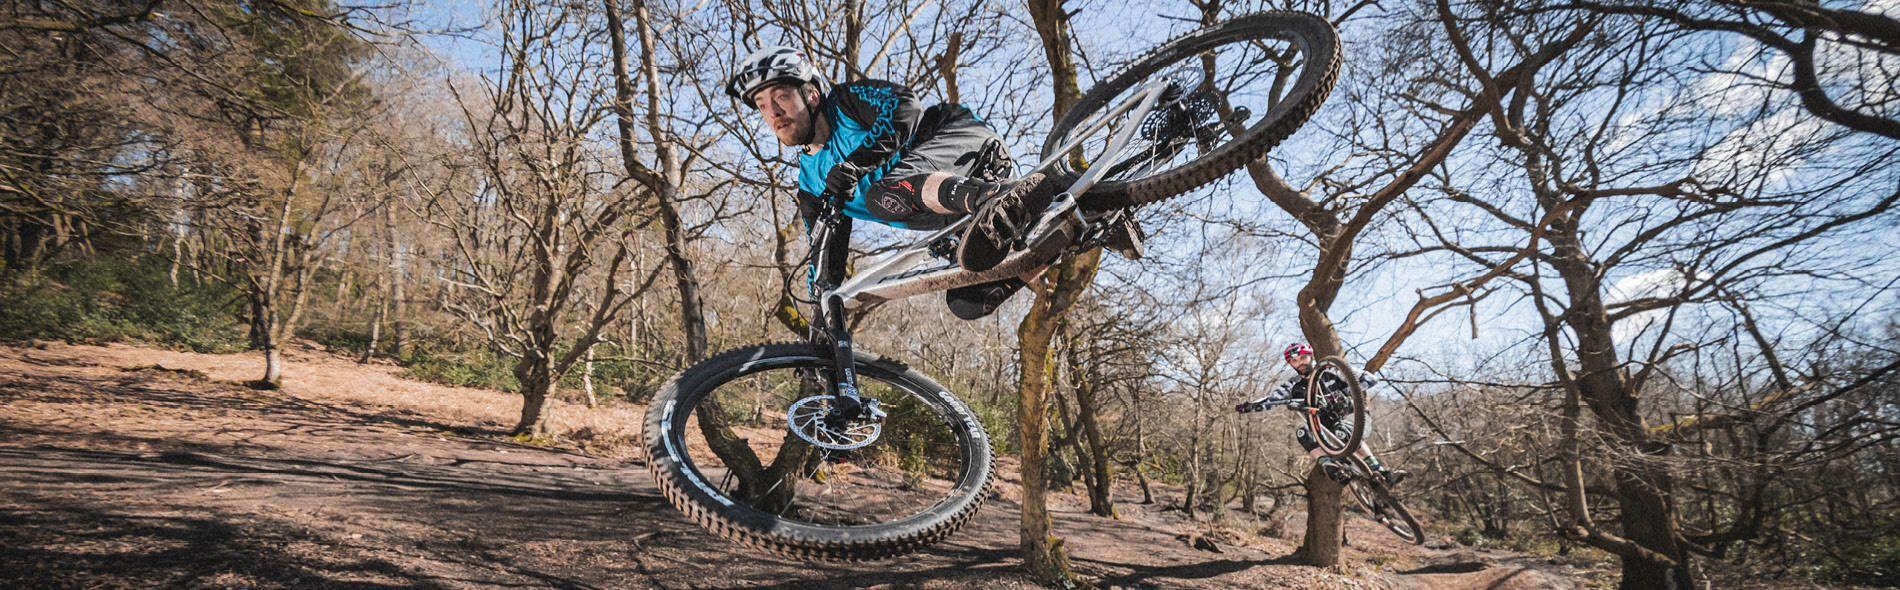 Fox Shox Transfer Levier Assemblage Vélo De Montagne Vélo De Montagne BMX